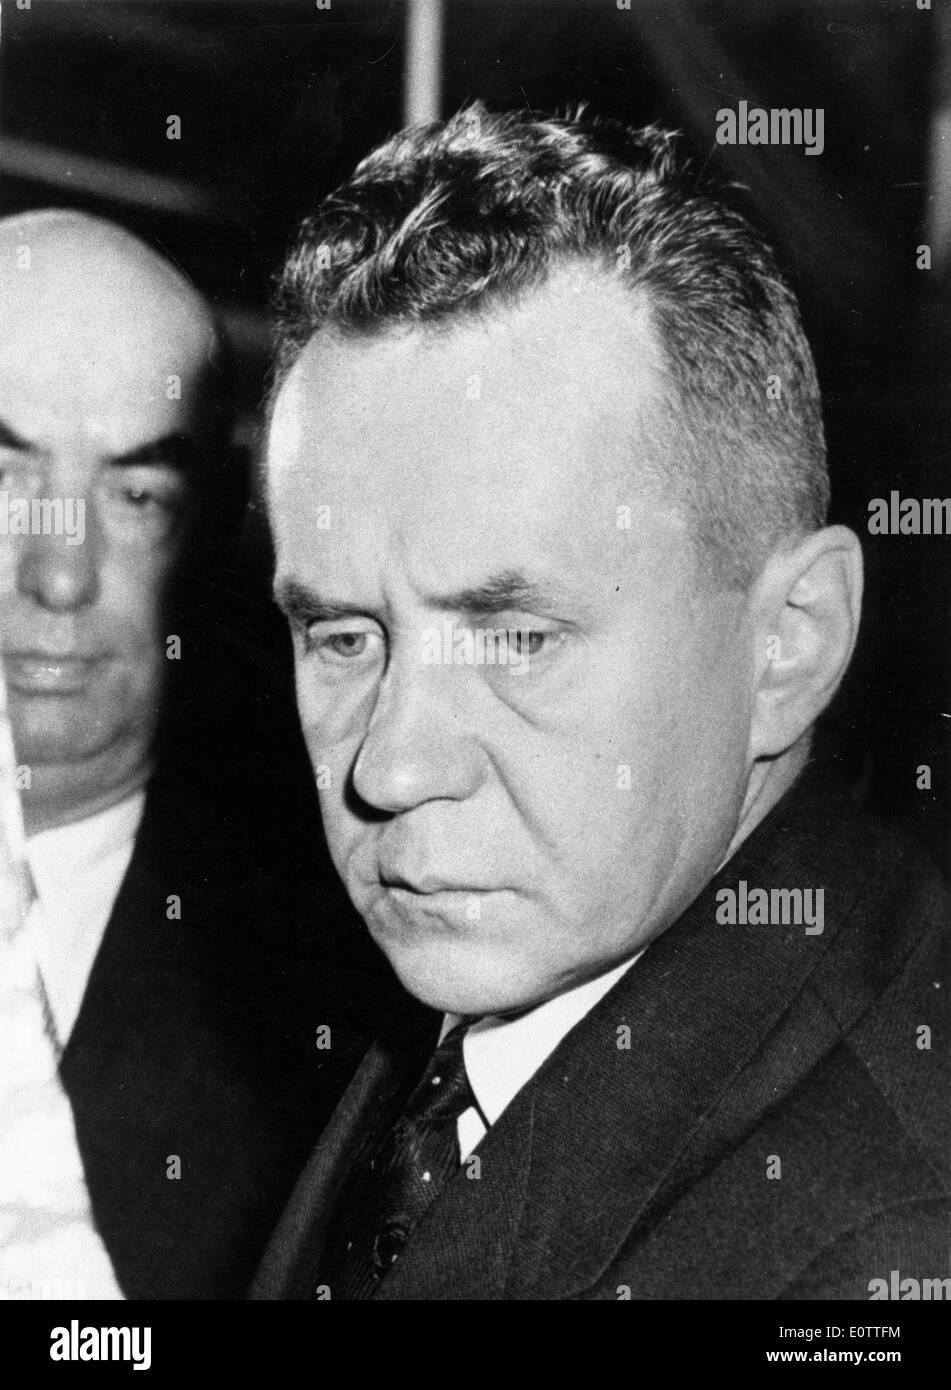 Soviet-Russian statesman Alexei Kosygin - Stock Image